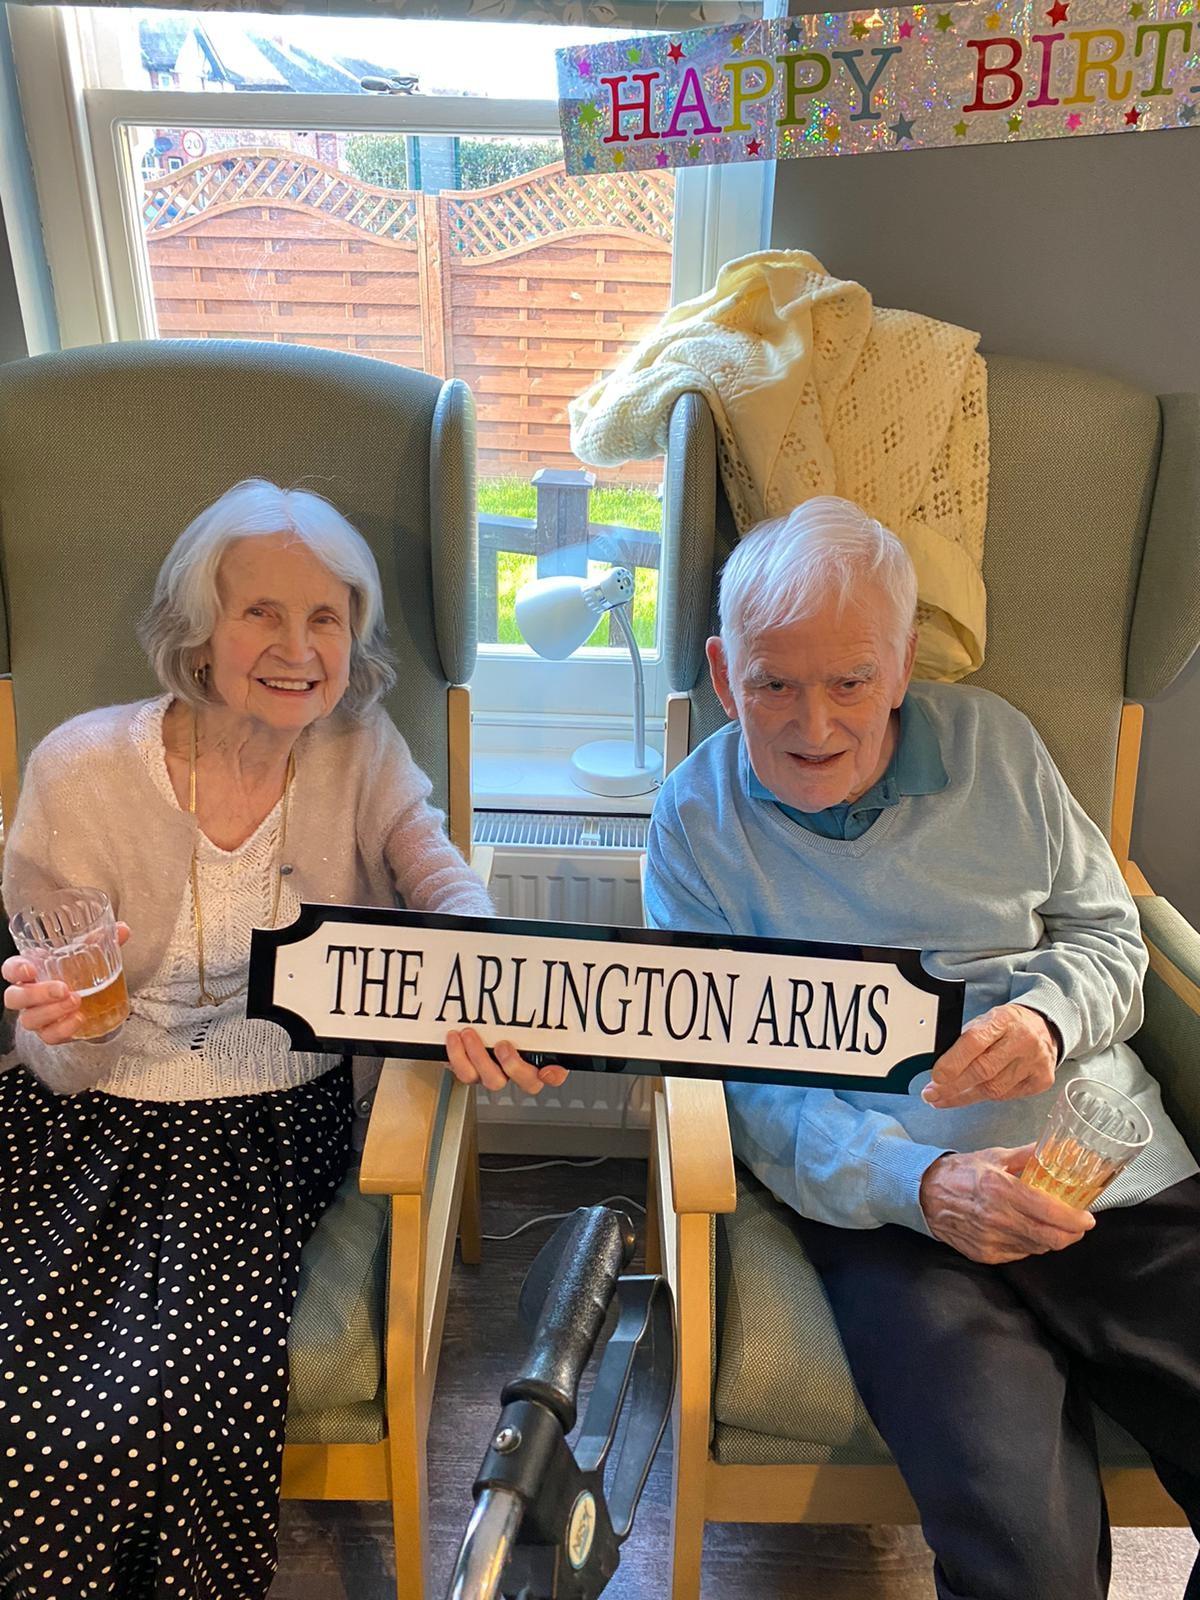 The Arlington Arms